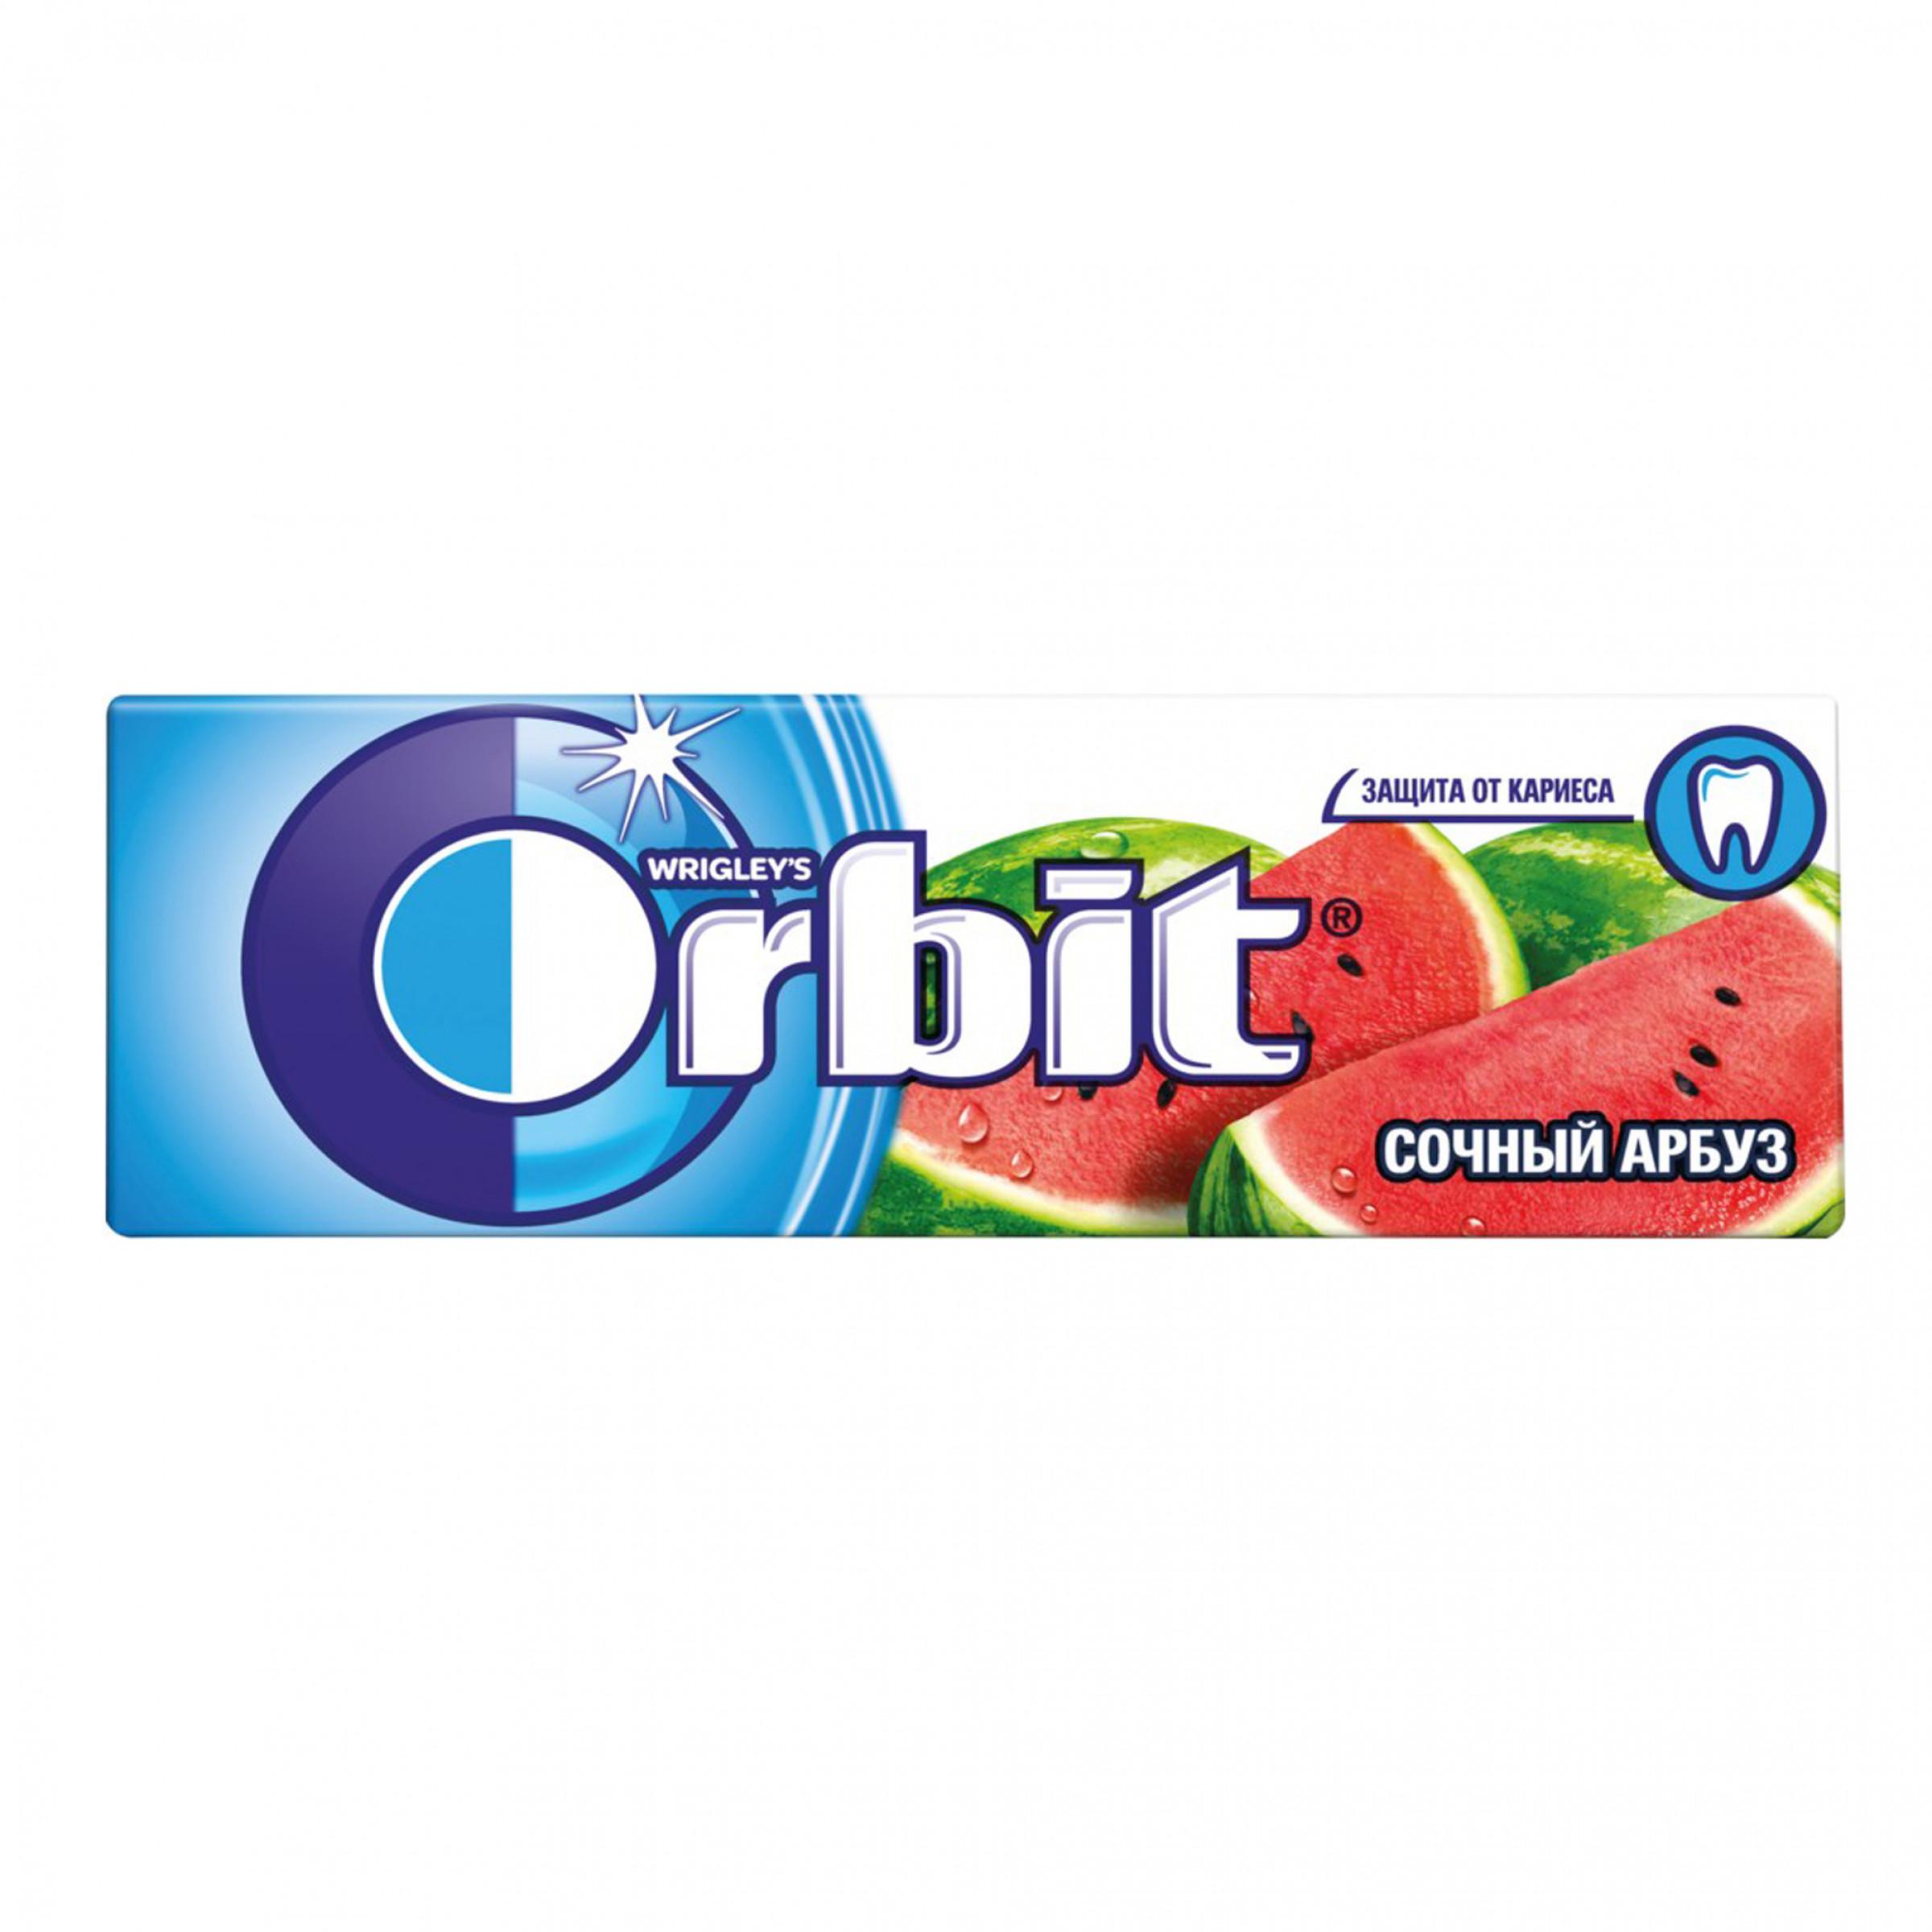 Жевательная резинка Orbit Сочный арбуз без сахара, 13. 6 гр